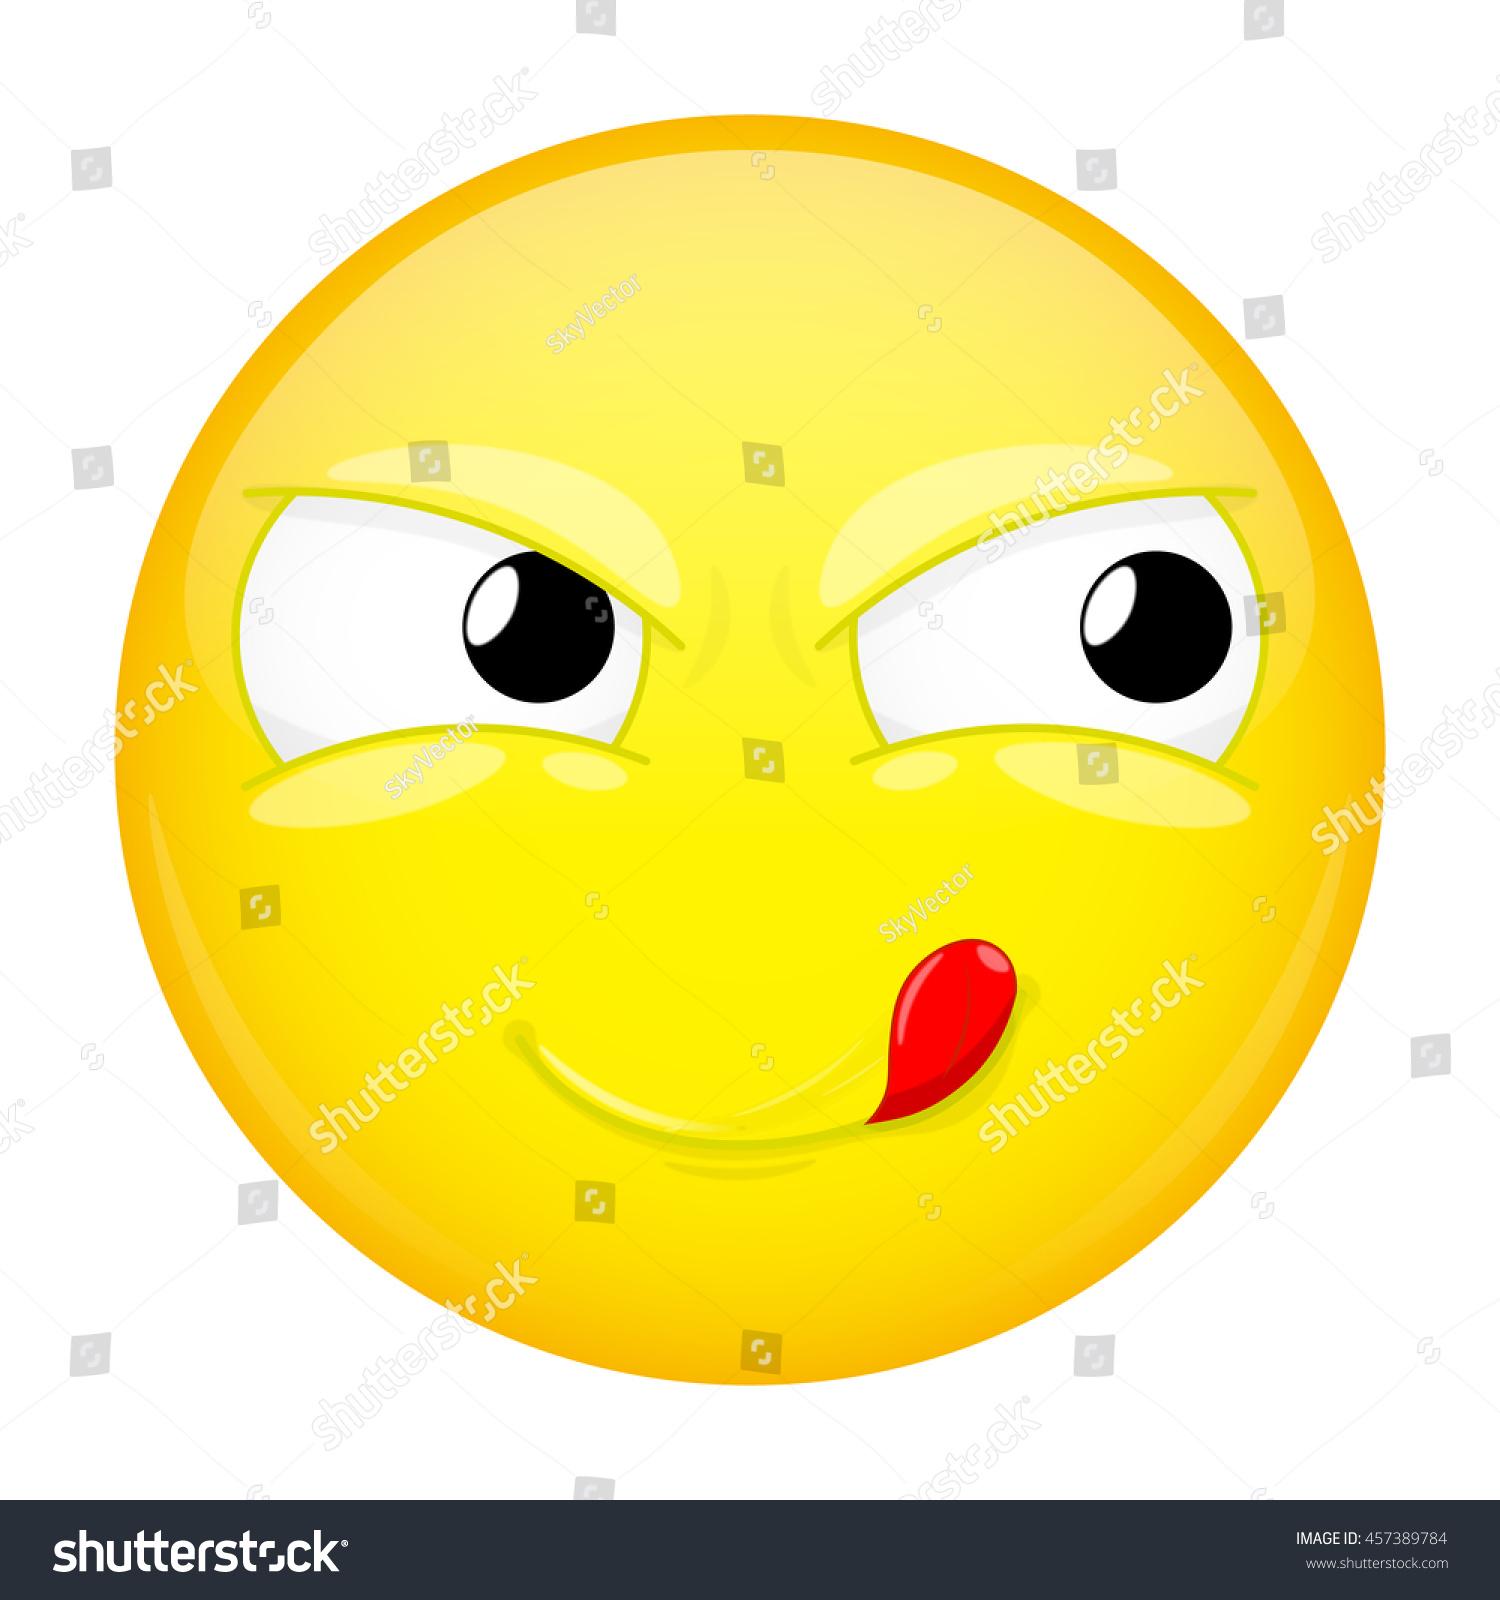 Un emoticono para tu estado de ánimo - Página 6 Stock-vector-lick-lips-emoji-good-emotion-yummy-emoticon-vector-illustration-smile-icon-457389784